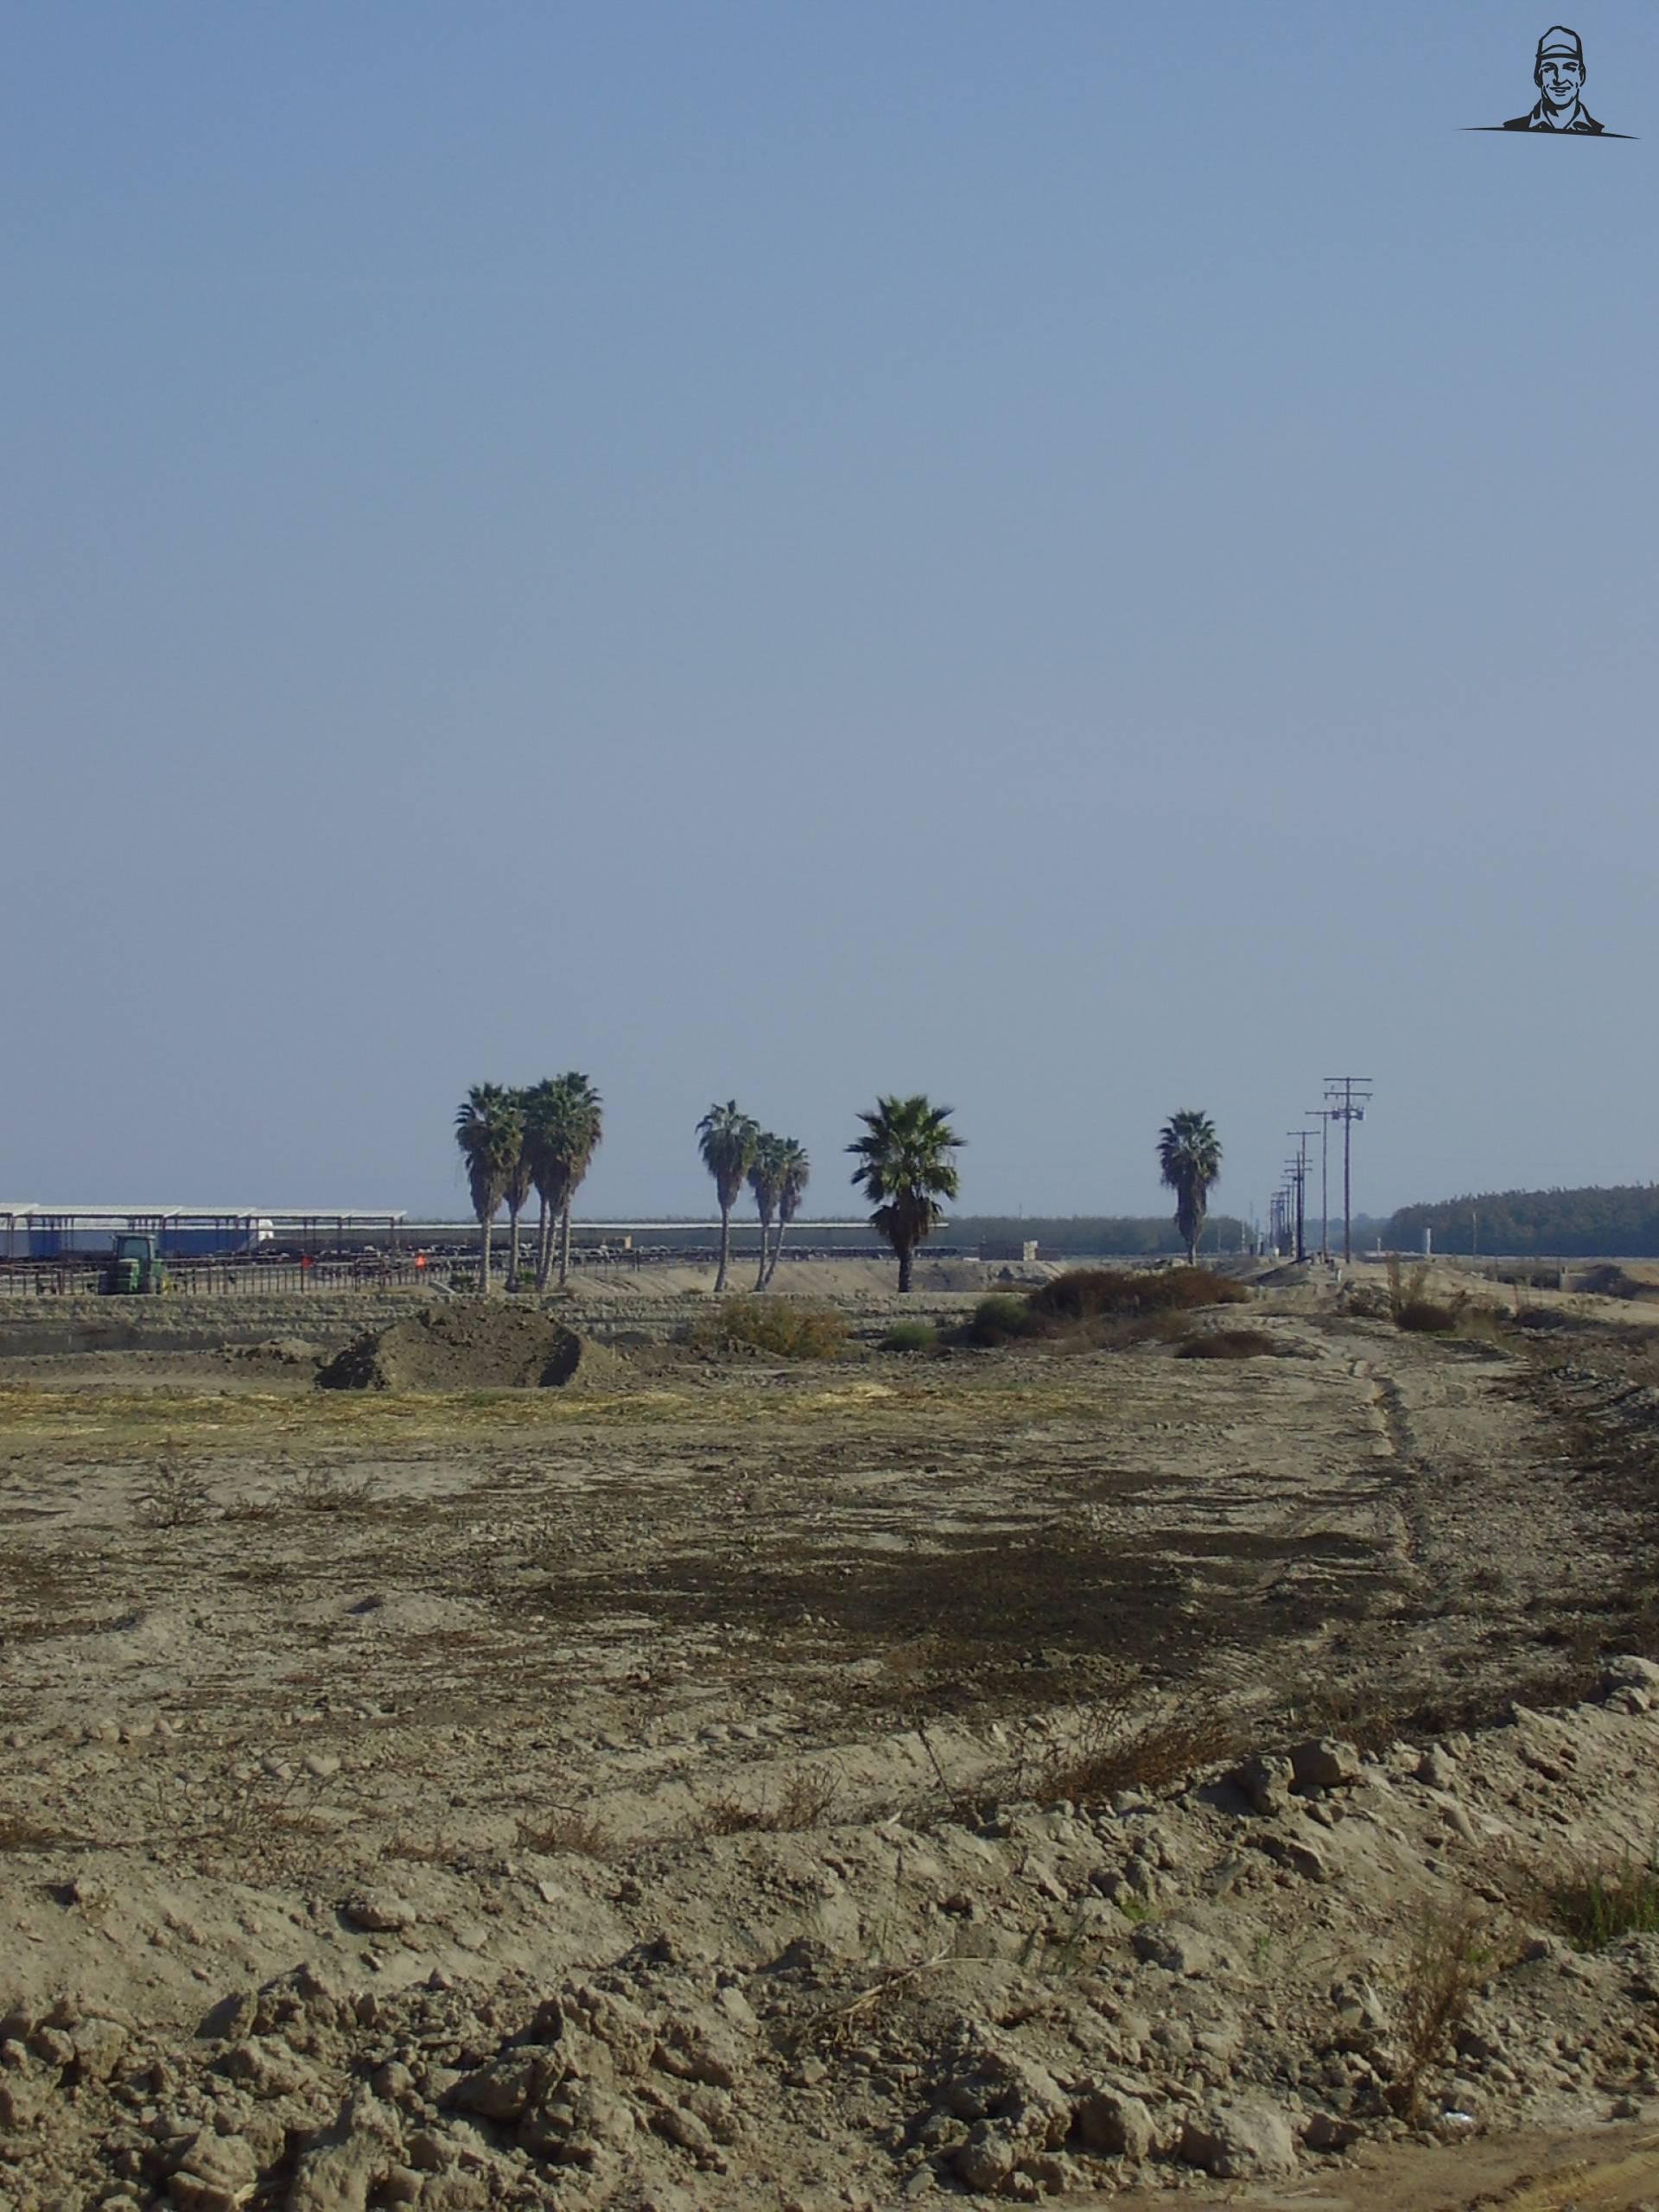 mooie palmbomen bij een boerderij van JJ AD